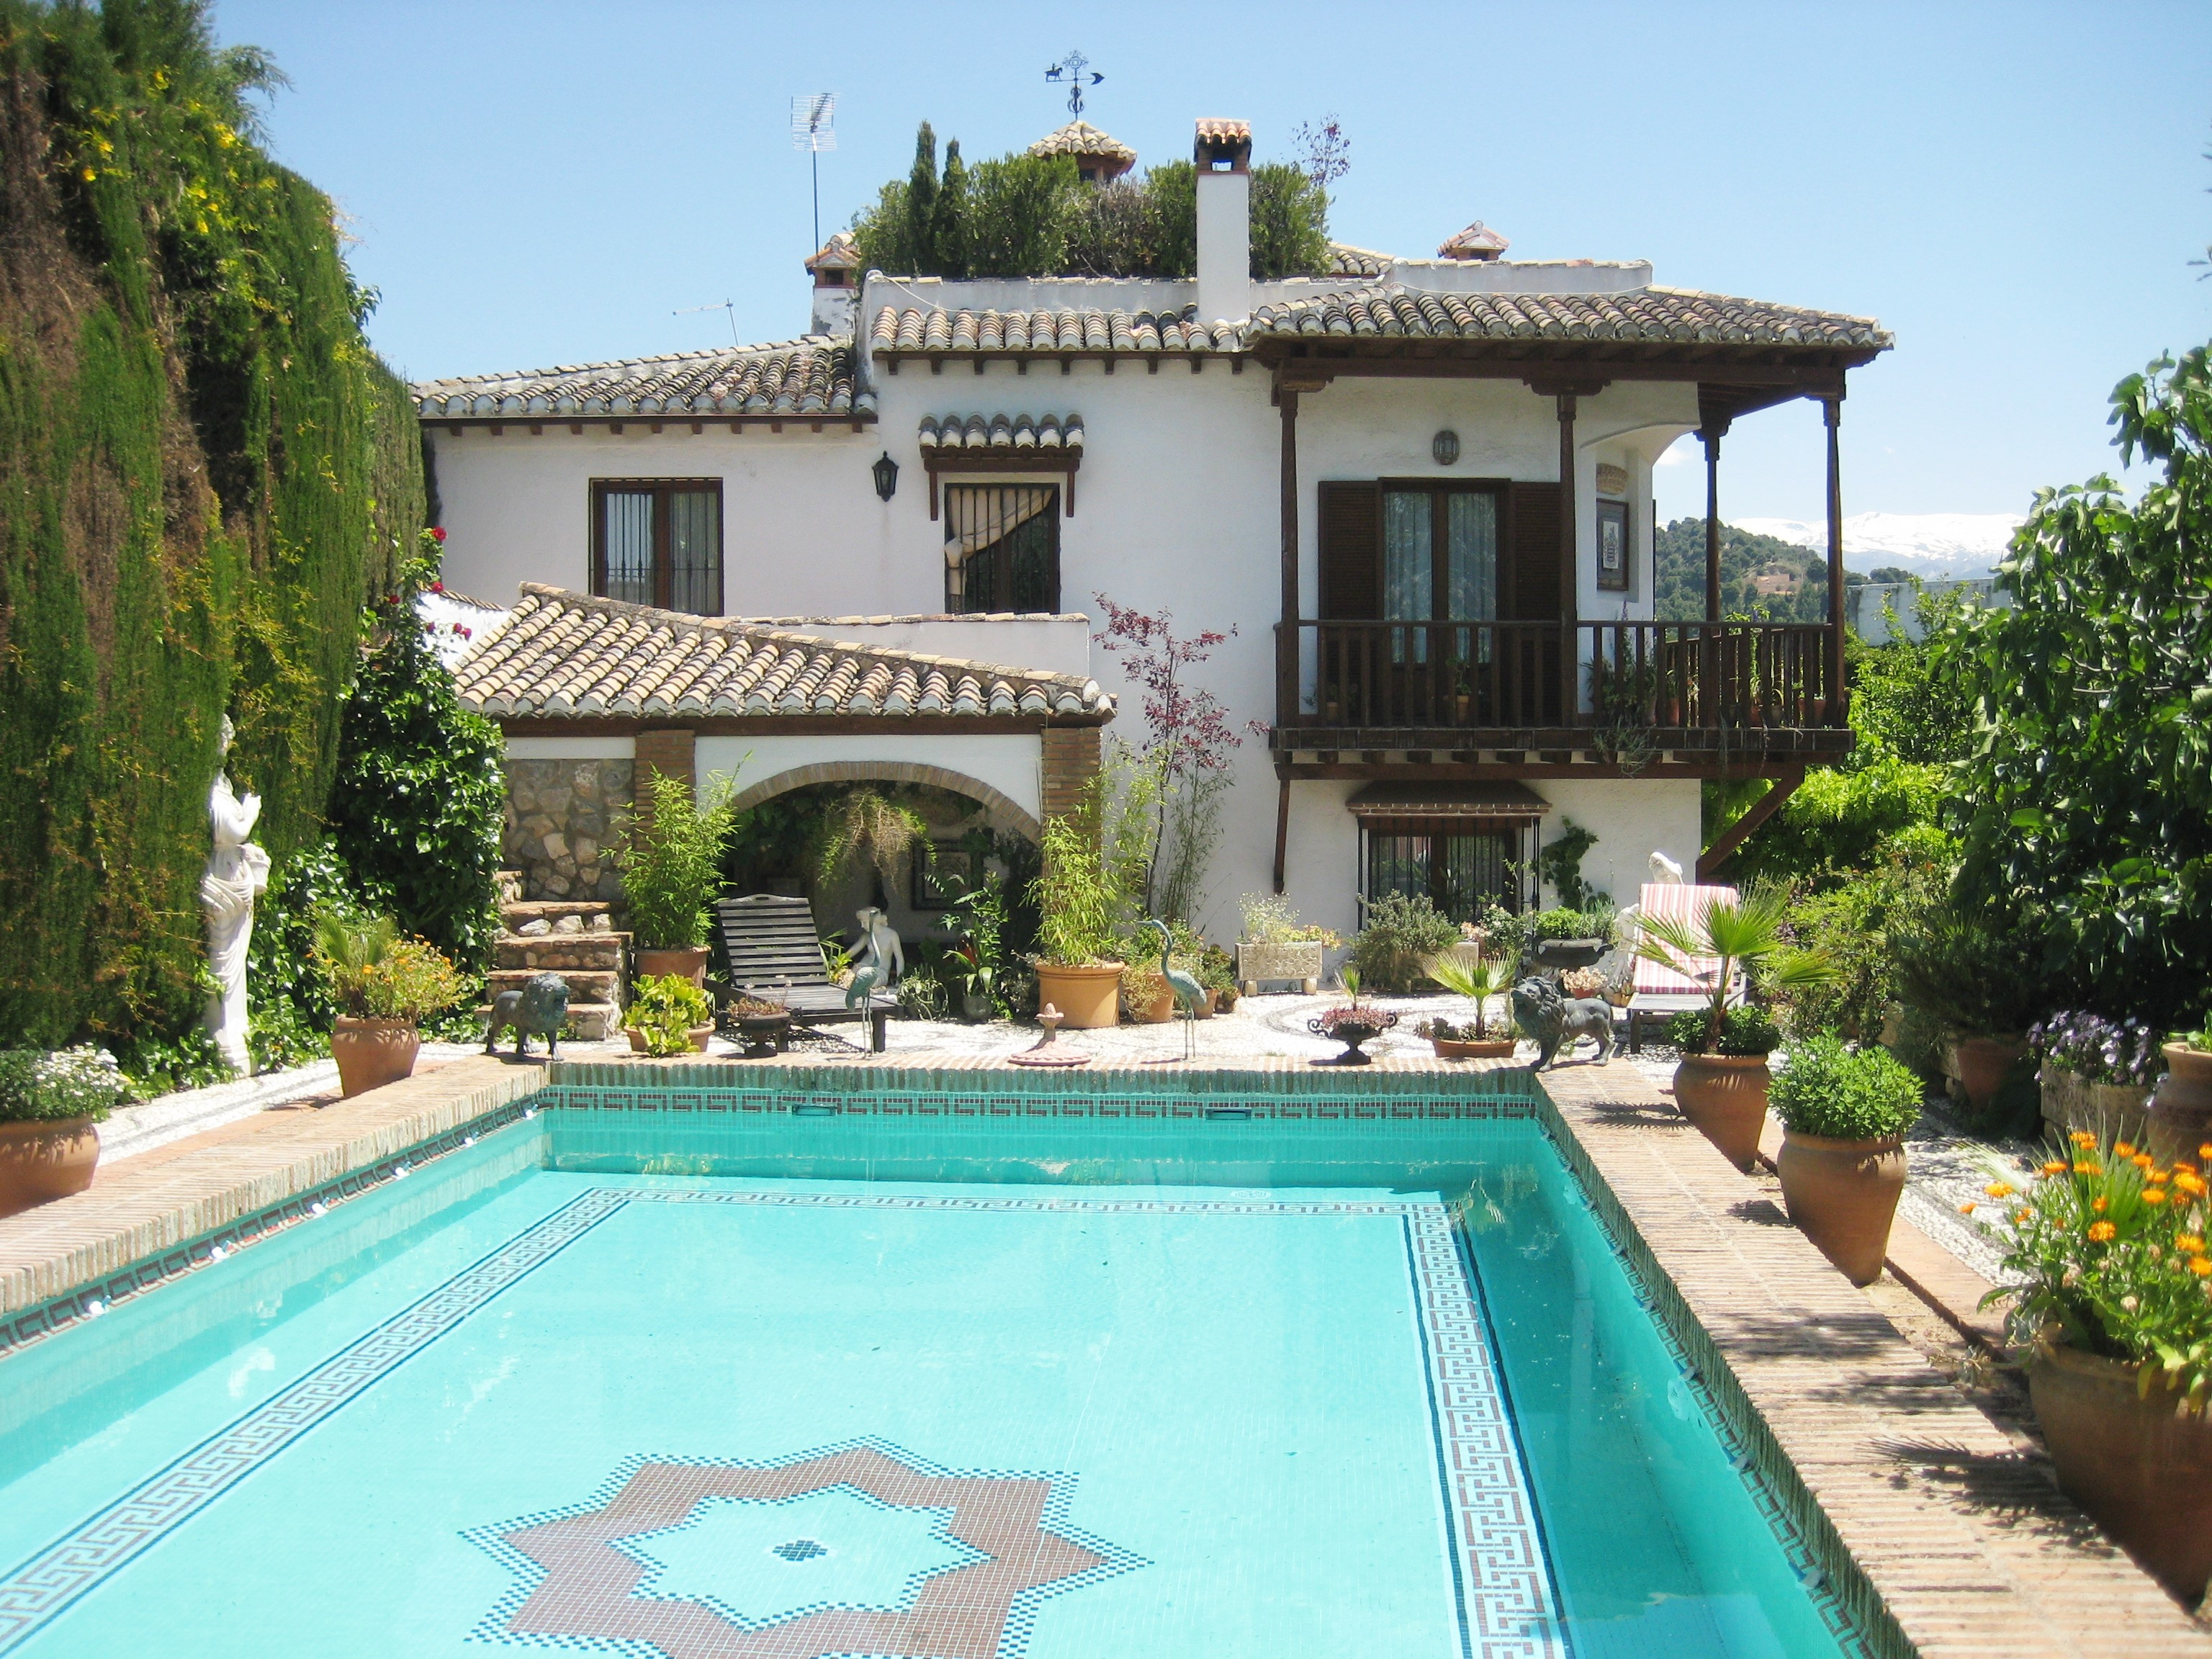 Idilio spain casa vacacional con piscina en granada for Vacaciones en villas con piscina